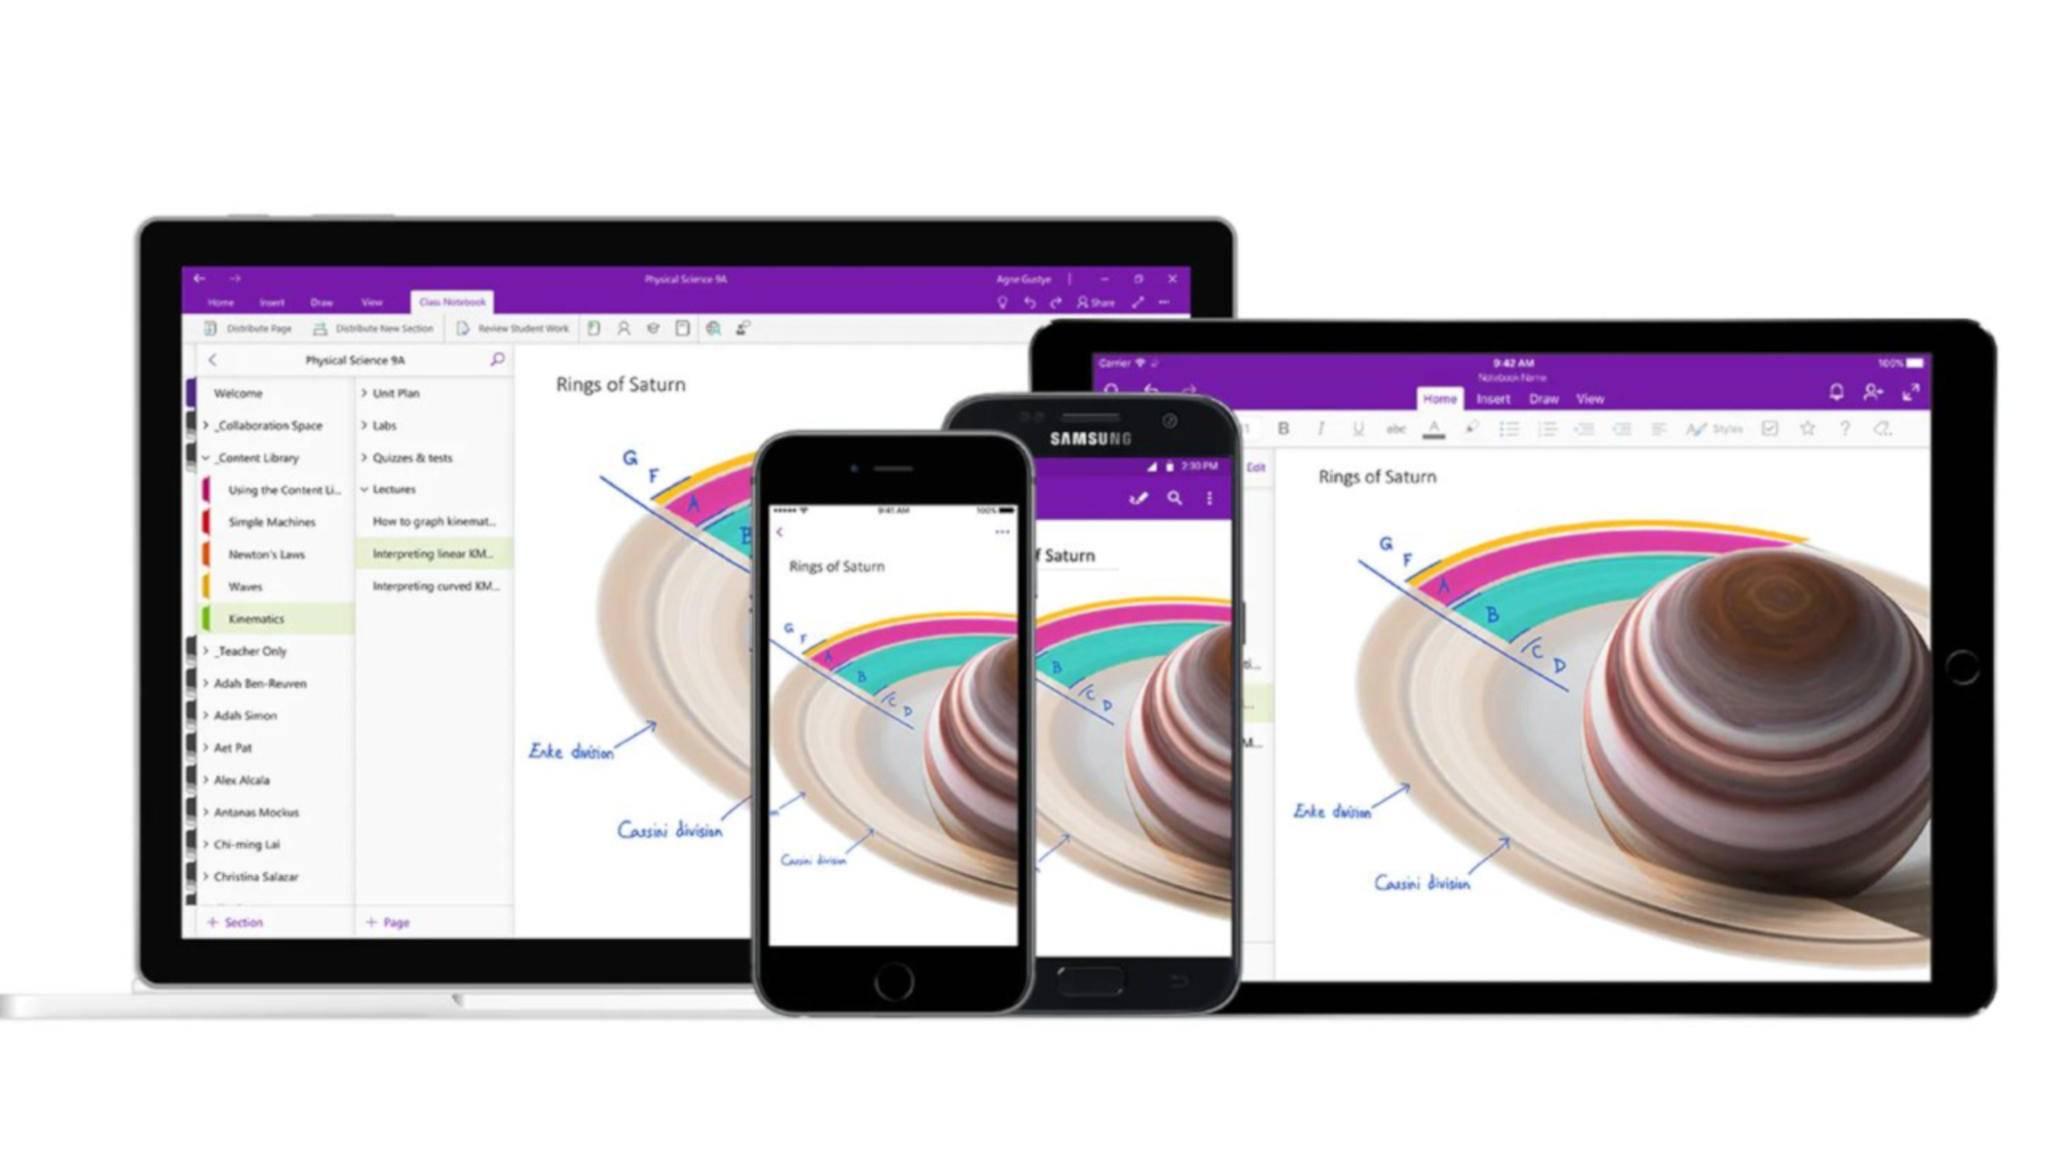 Mit OneNote kannst Du Notizen machen und sie multimedial aufbereiten.